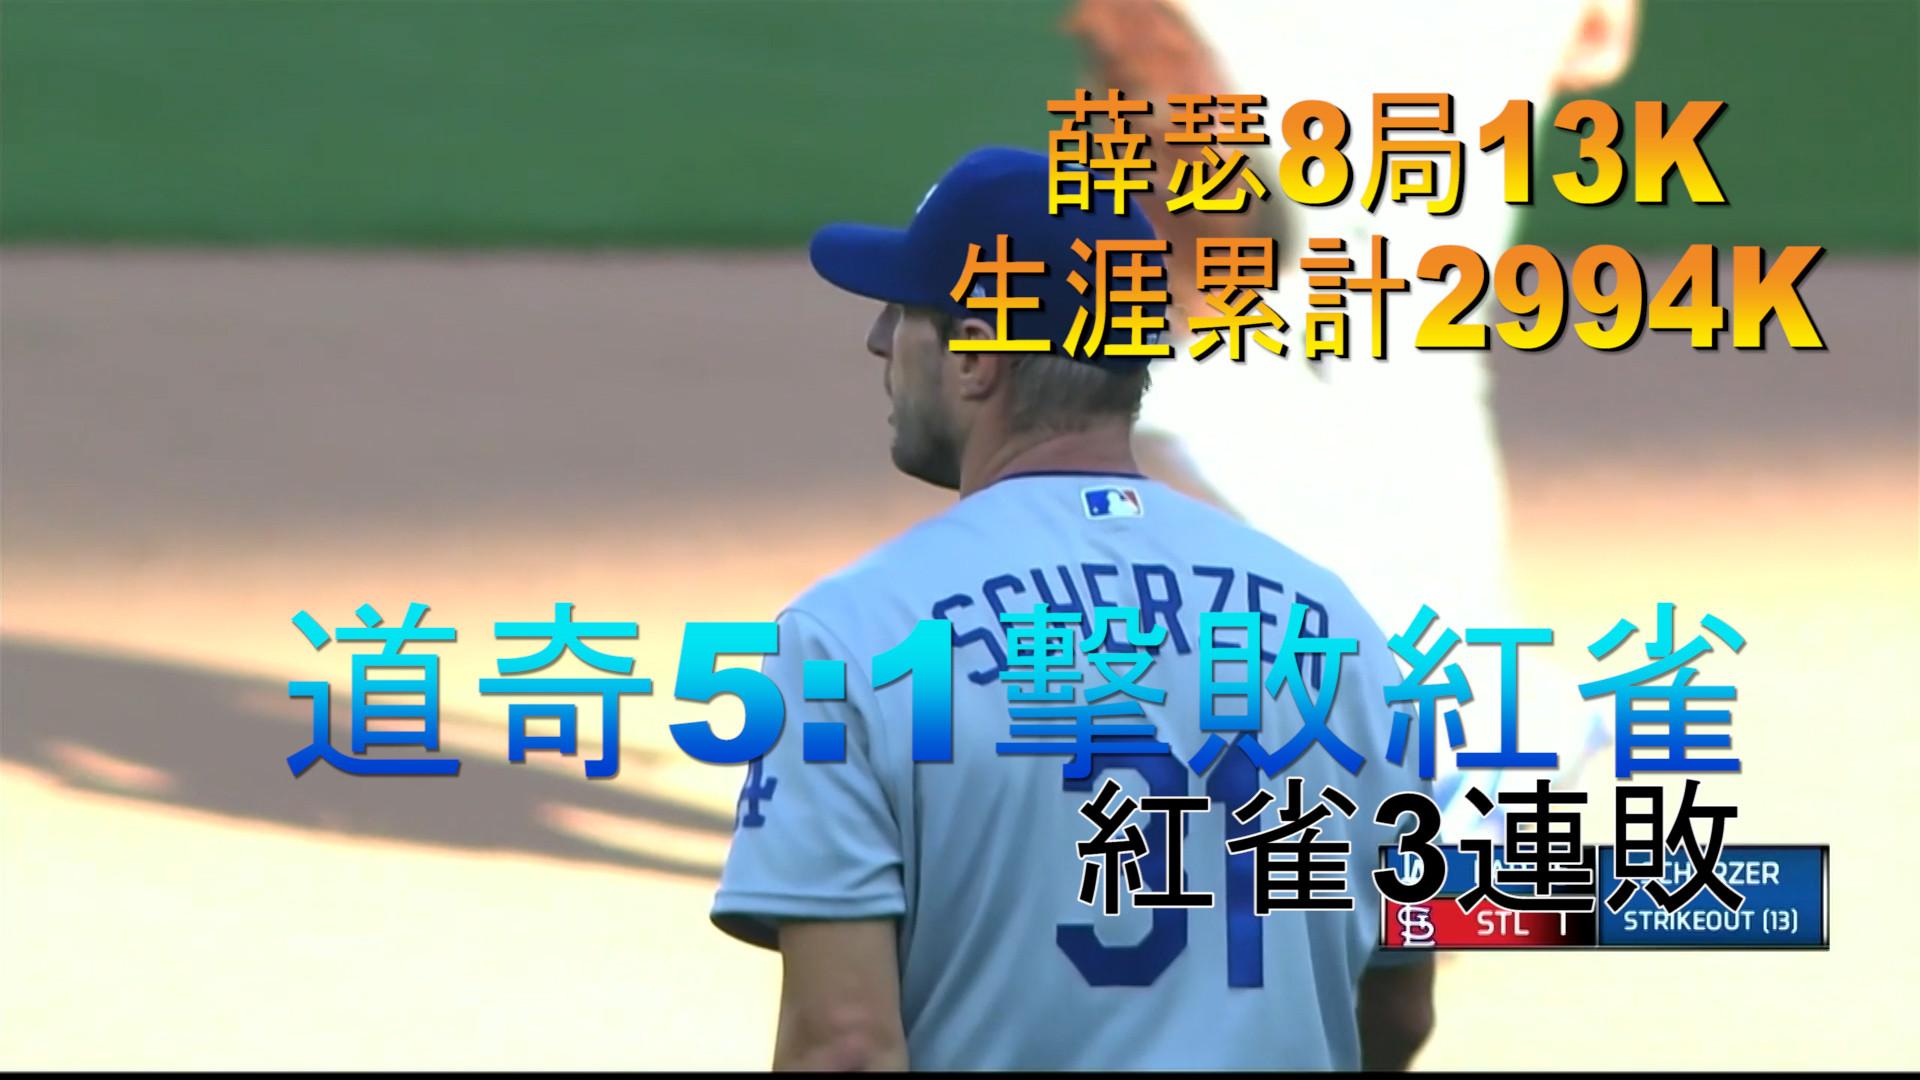 【MLB看愛爾達】薛瑟8局13K 道奇5:1擊敗紅雀 09/07